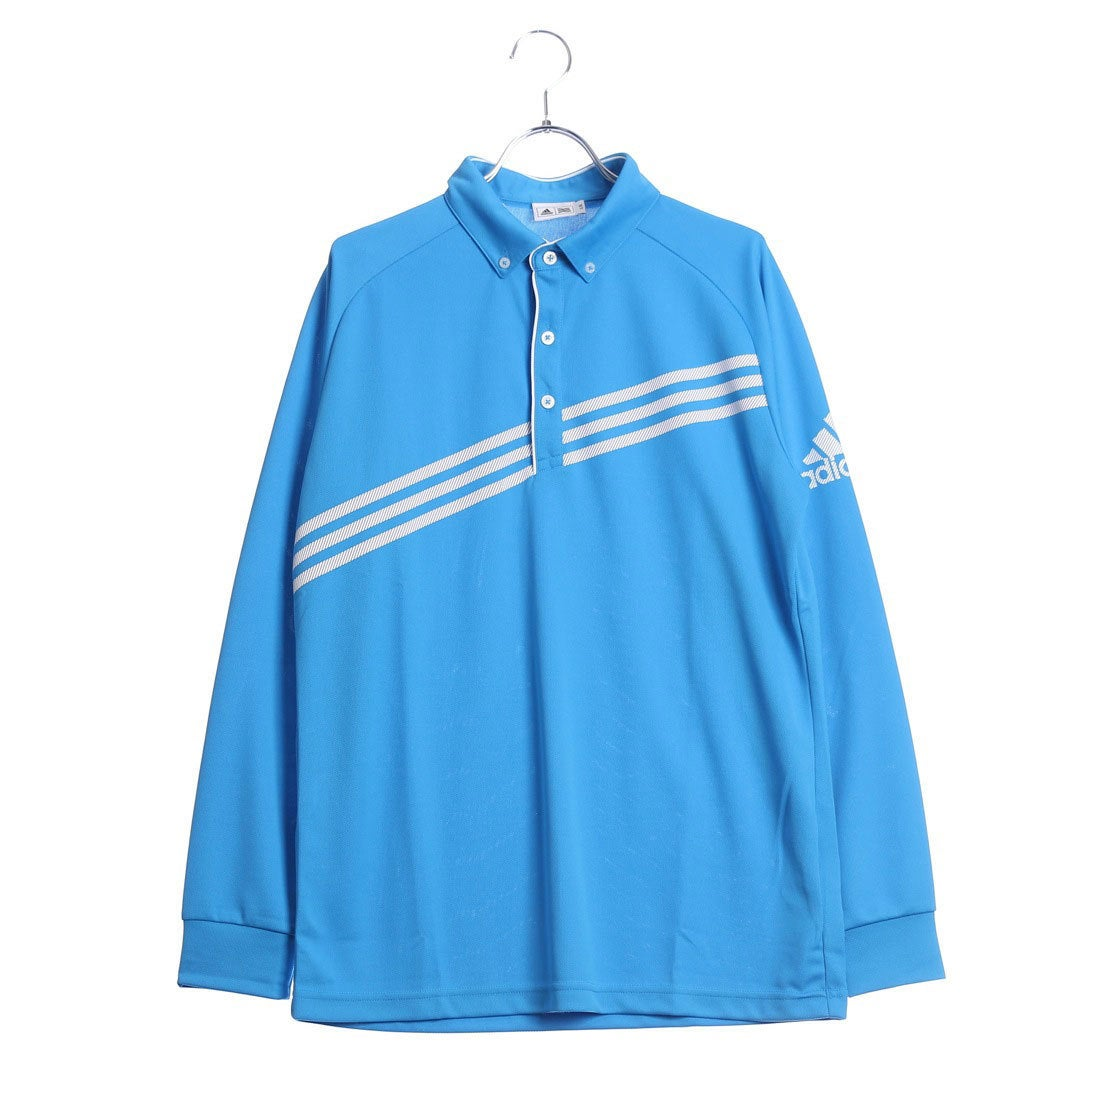 アディダス adidas メンズ ゴルフ 長袖ポロシャツ N68476 メンズ